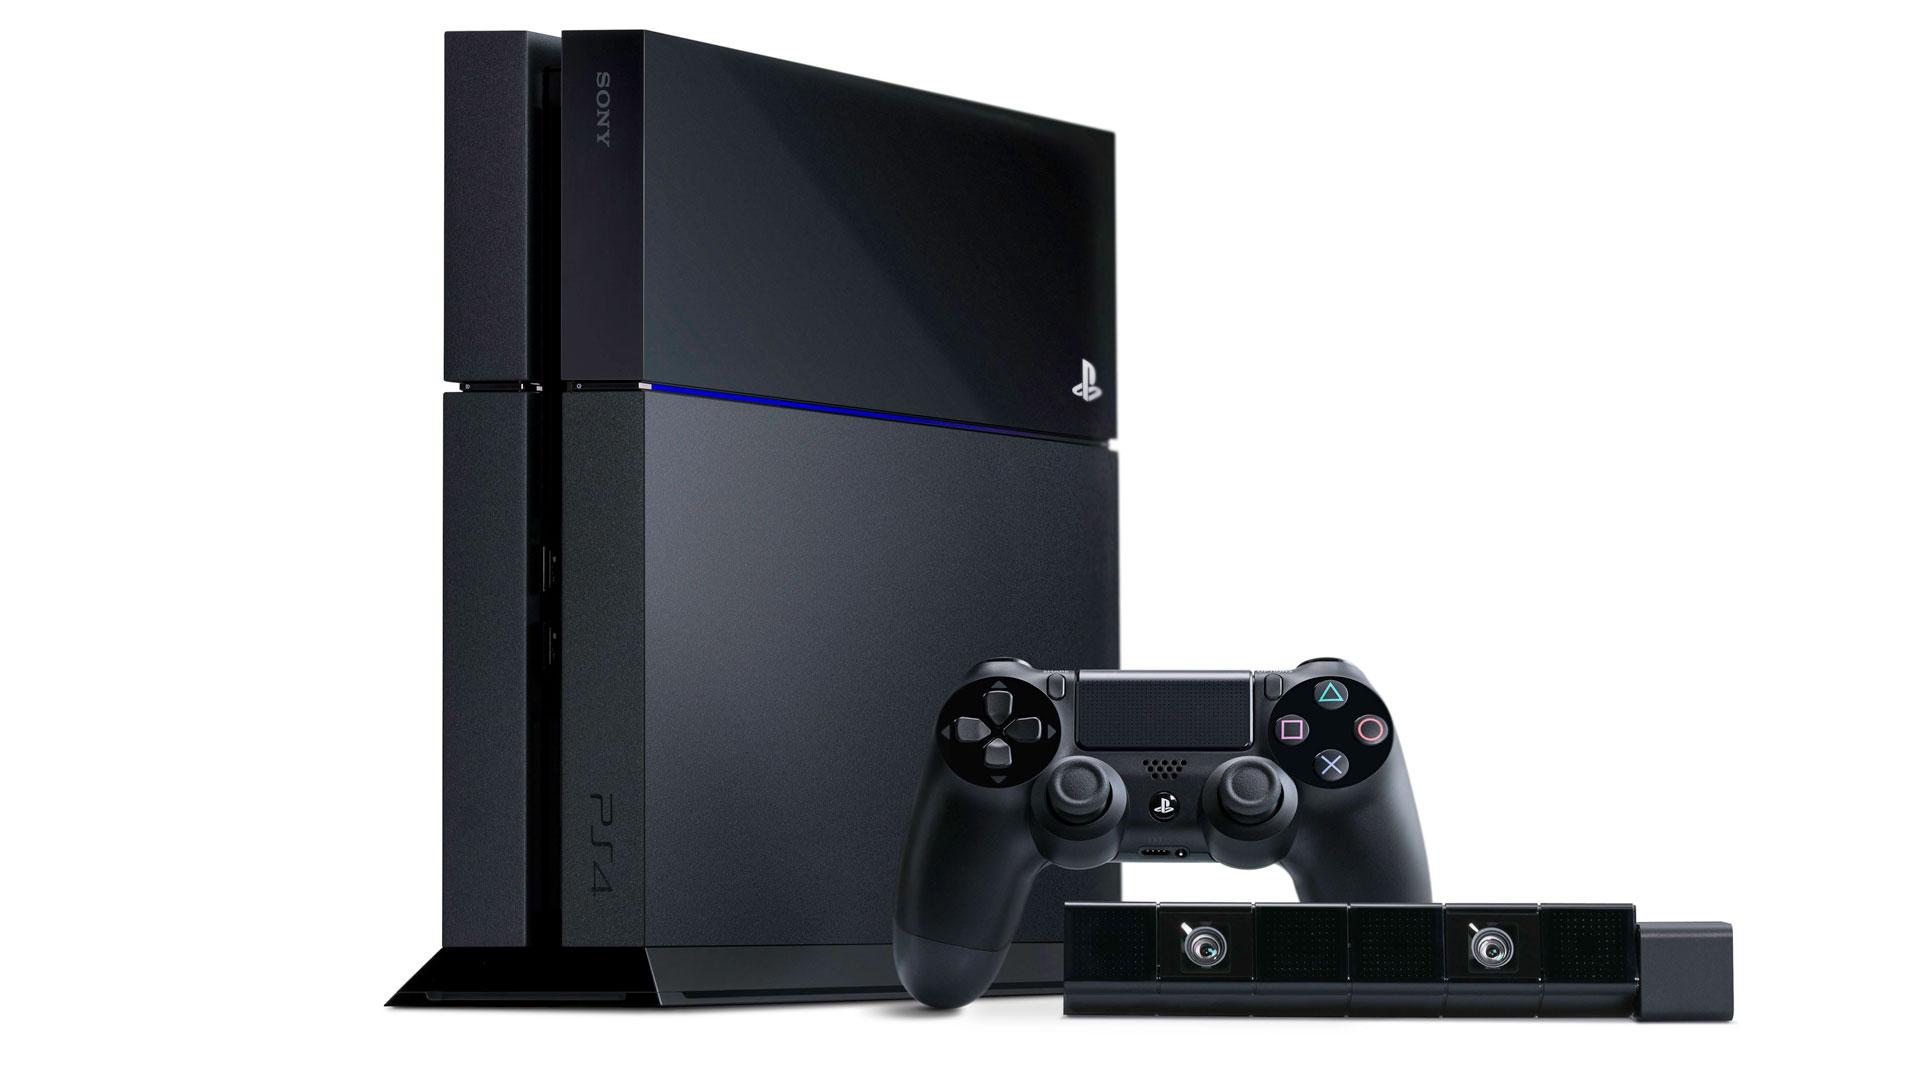 Die PlayStation 4 mit Controller